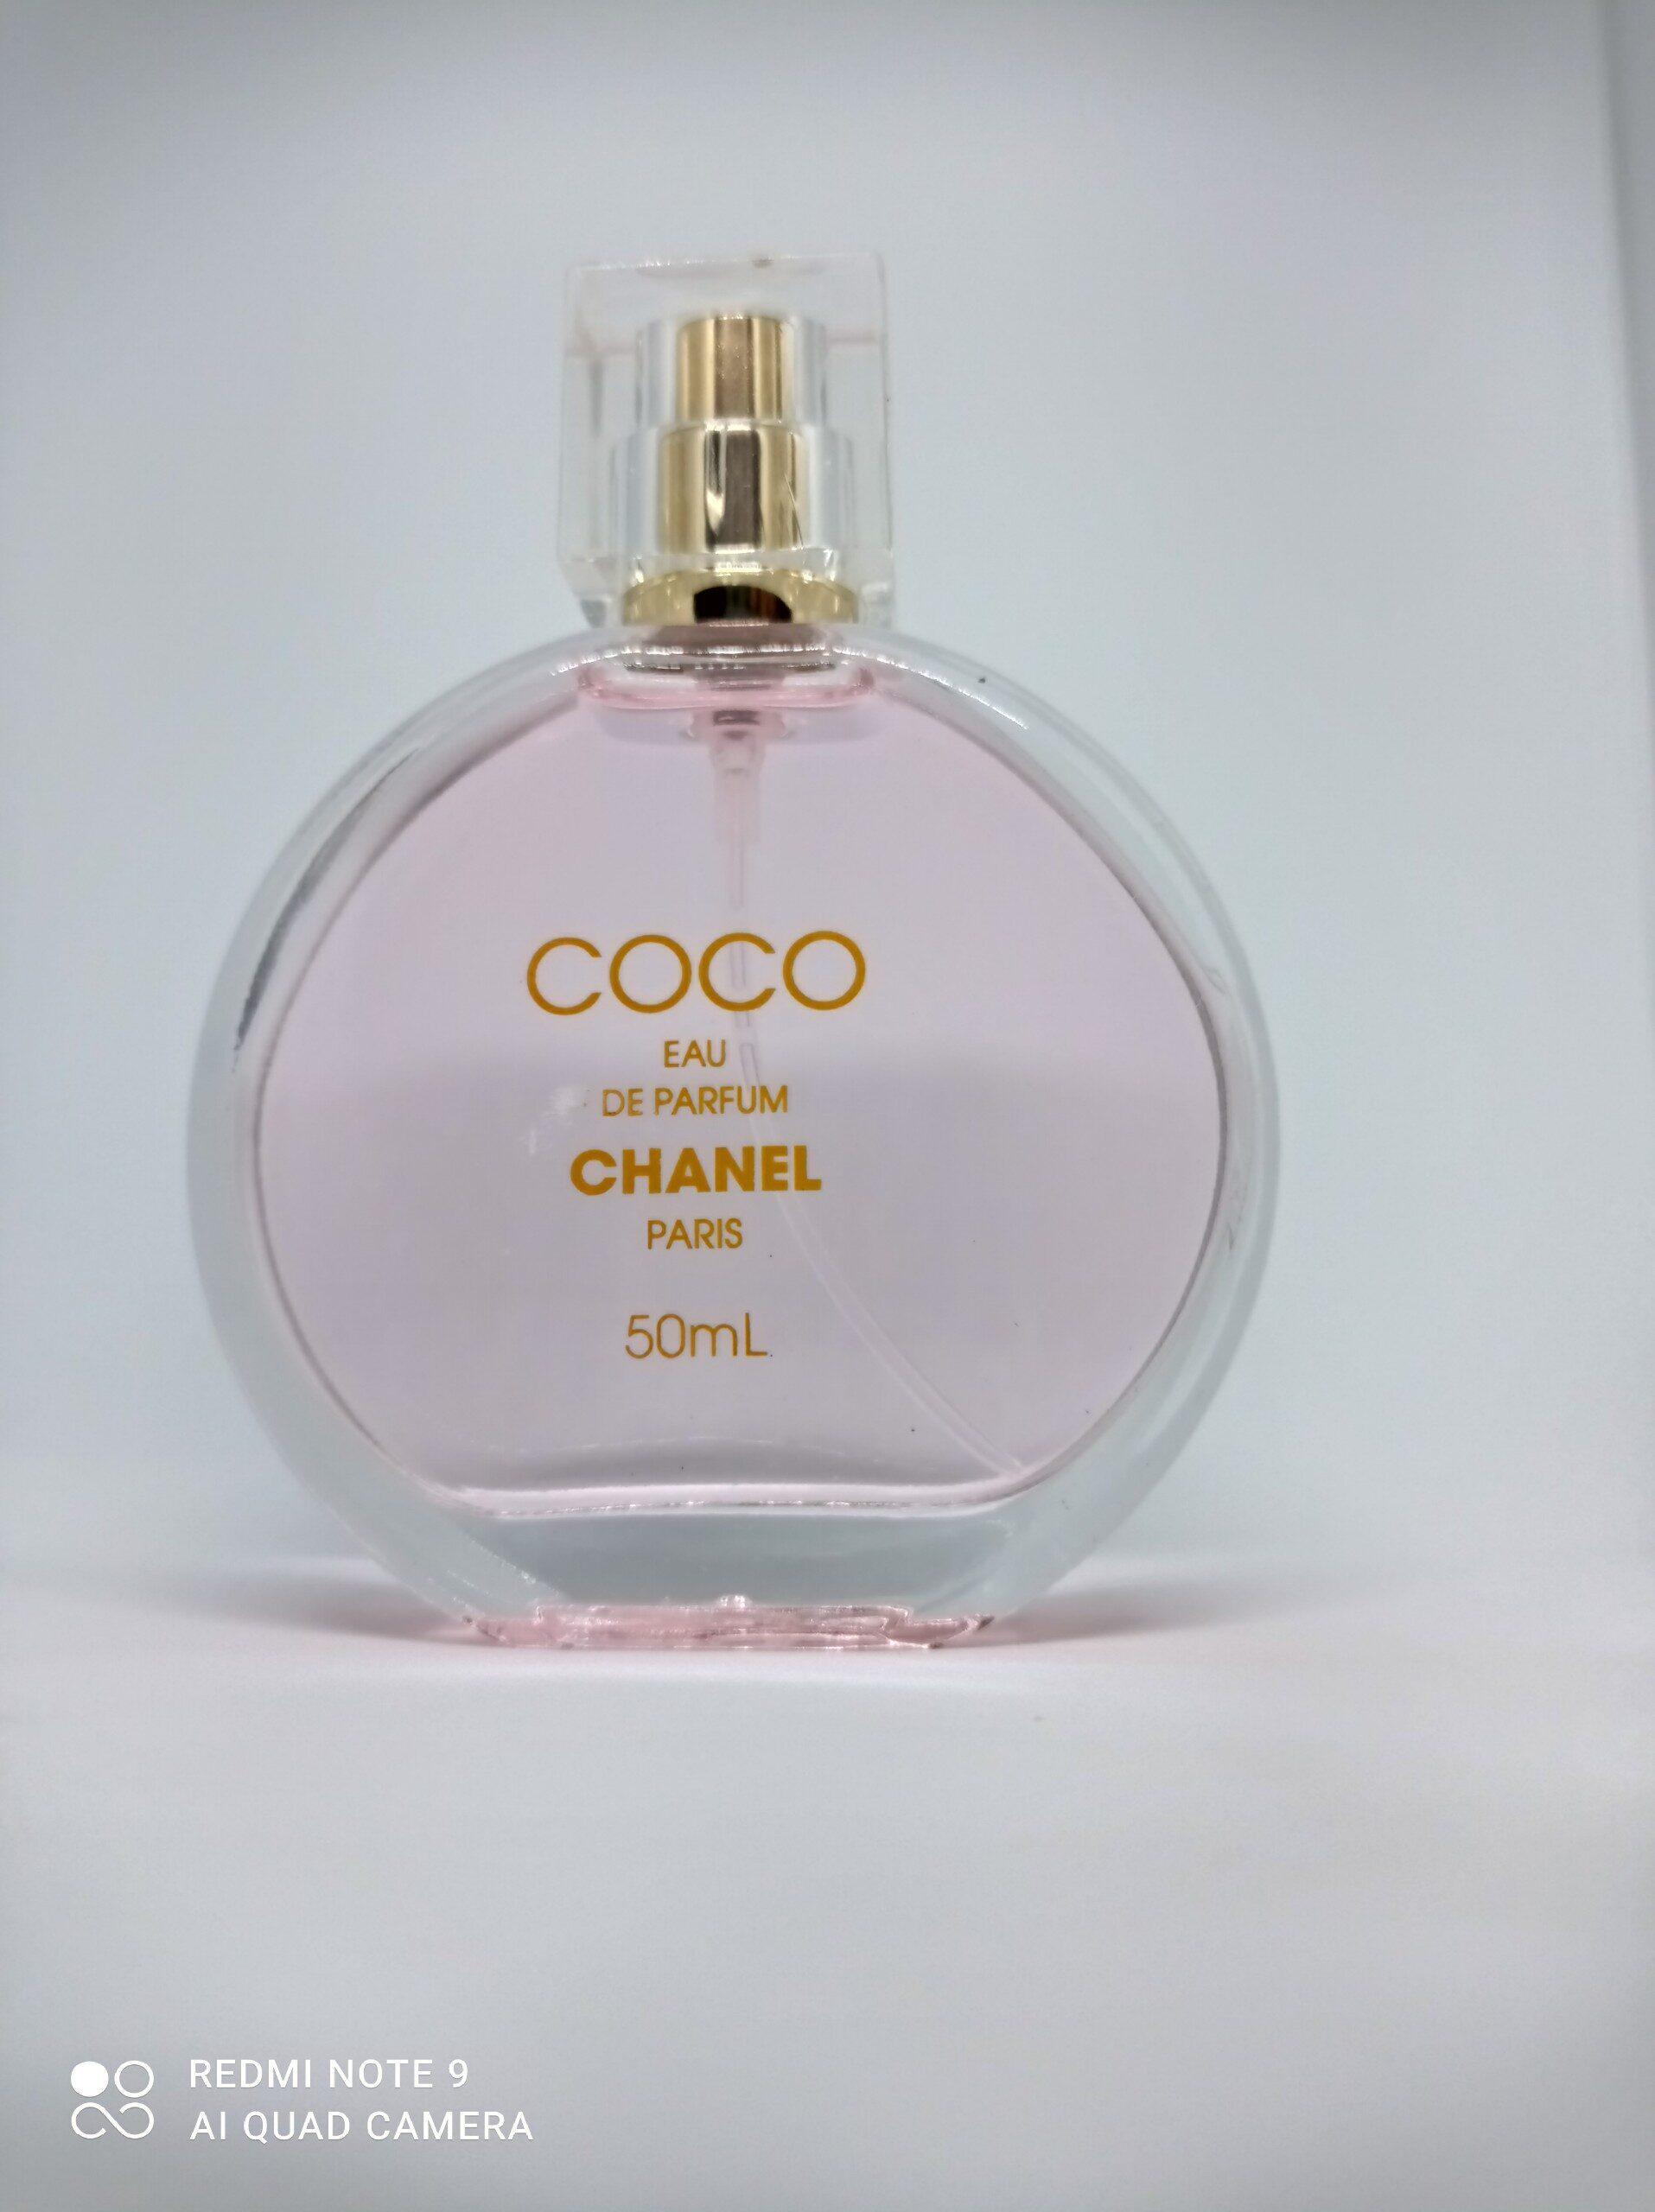 Coco chanel loại 50ml là kiệt tác tinh tế kết hợp giữa cổ điển và thơ mộng